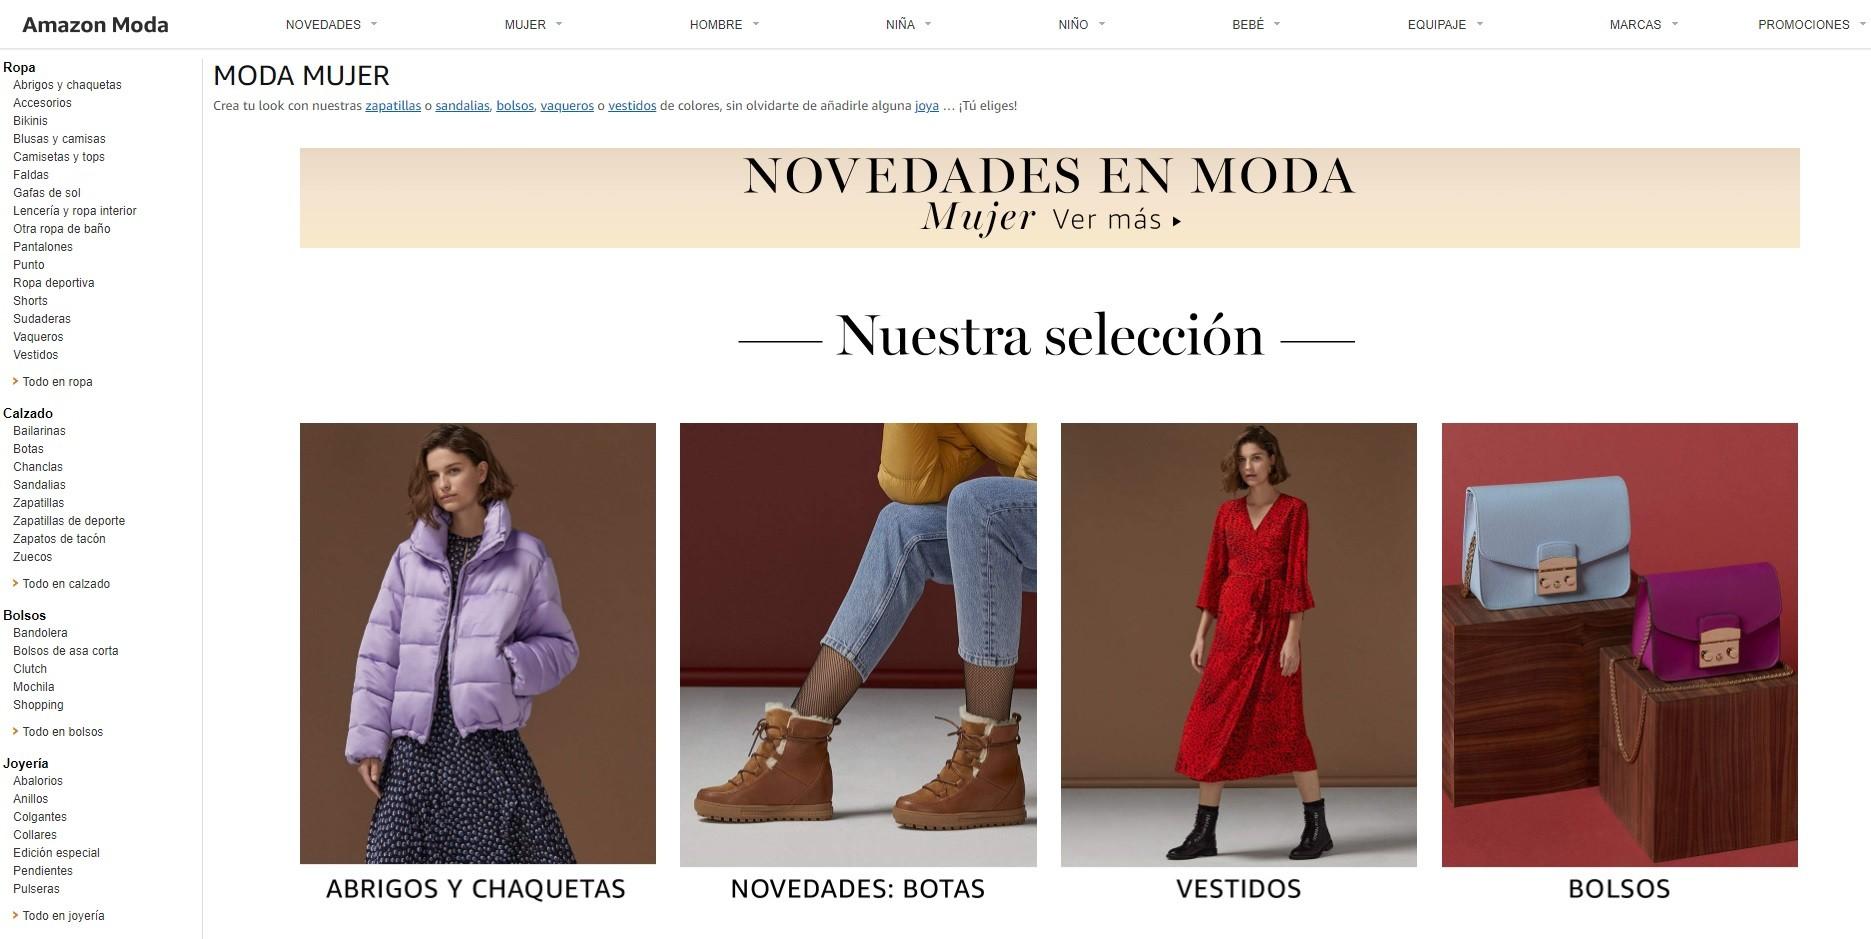 76e0a6447f21 Dónde comprar ropa barata: las webs con las ofertas más irresistibles